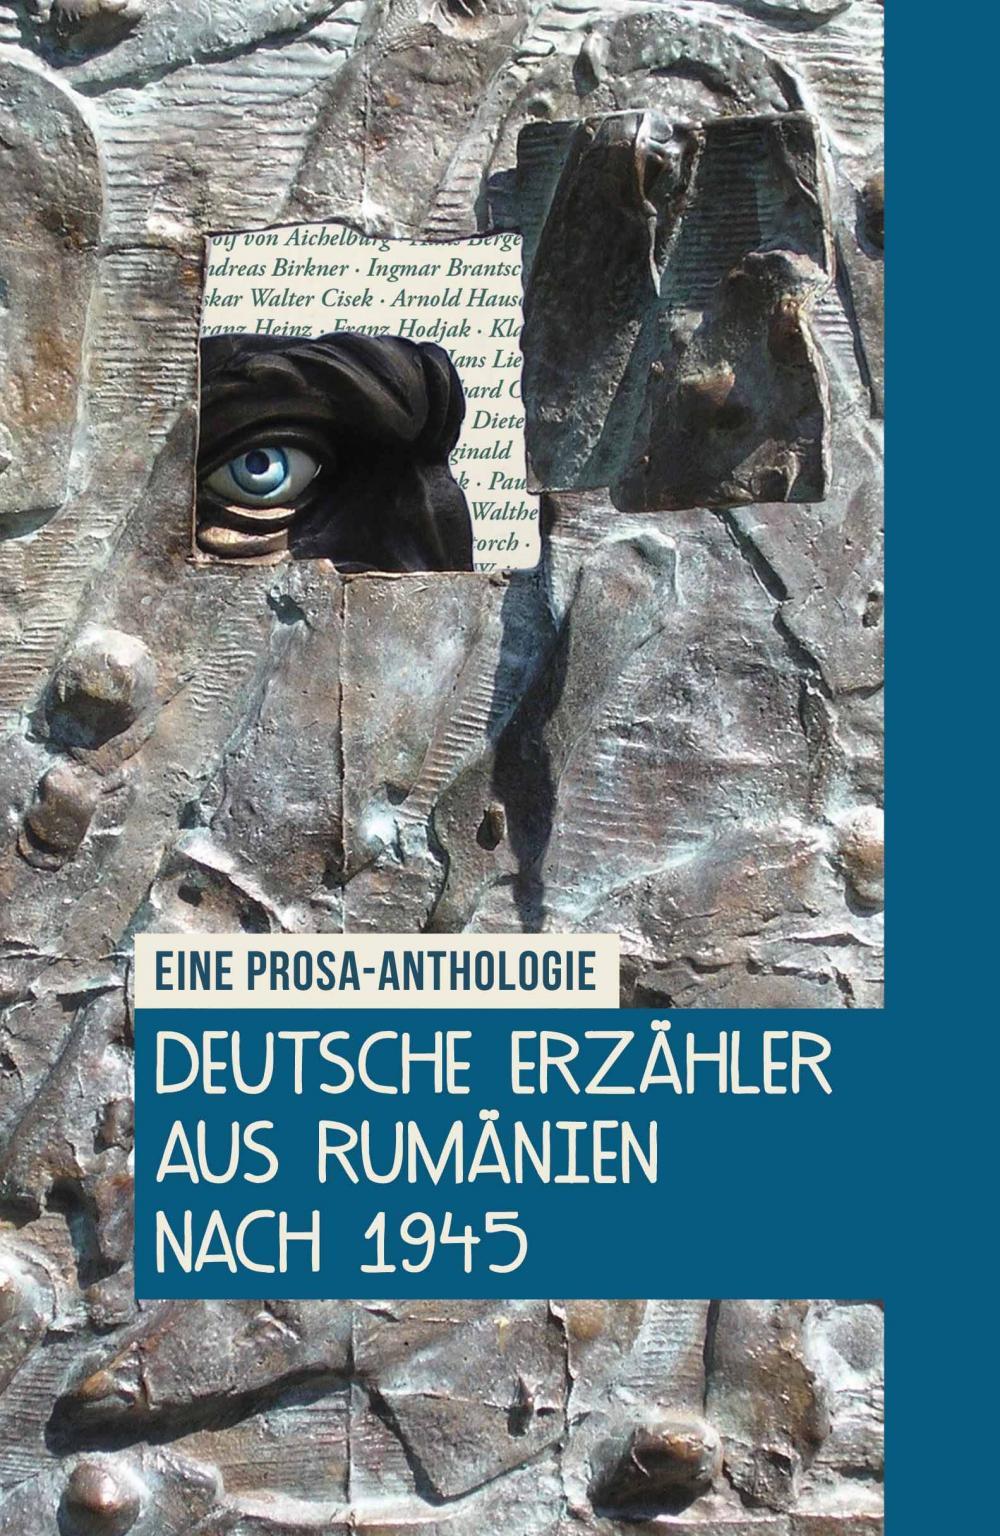 Deutsche erzahler aus Rumanien nach 1945 - Olivia Spiridon (Antolog)